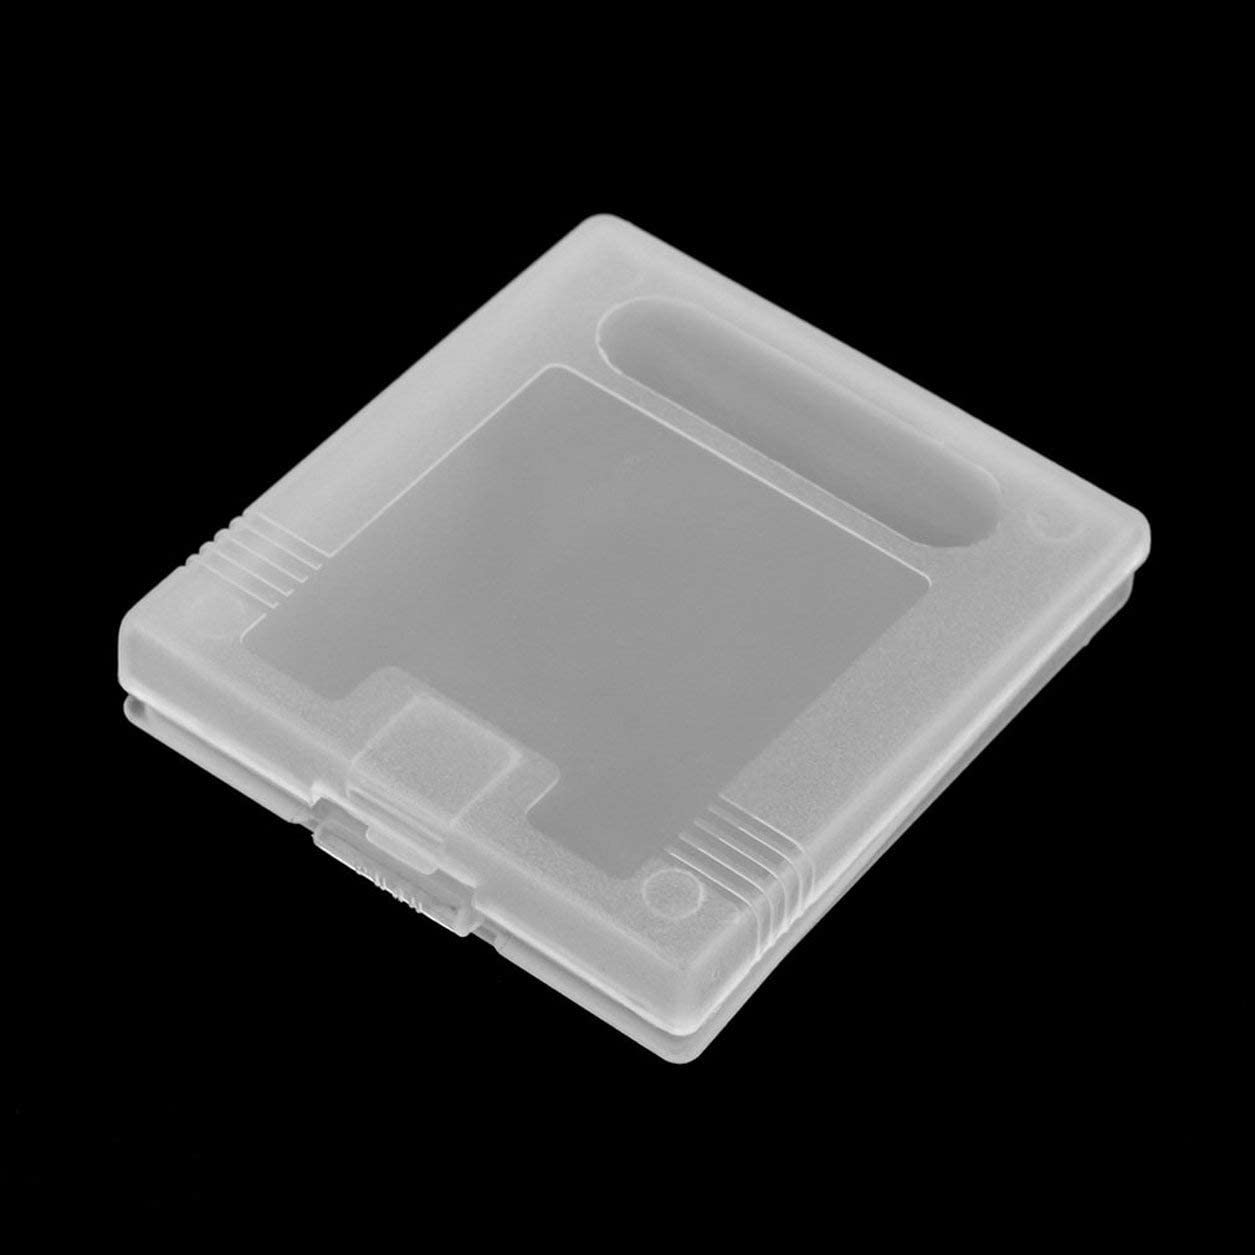 Coffrets Cartouches De Jeu En Plastique Transparent Etui De Rechange Pour Nintend GameBoy GB GBC GBP couleur: Clair